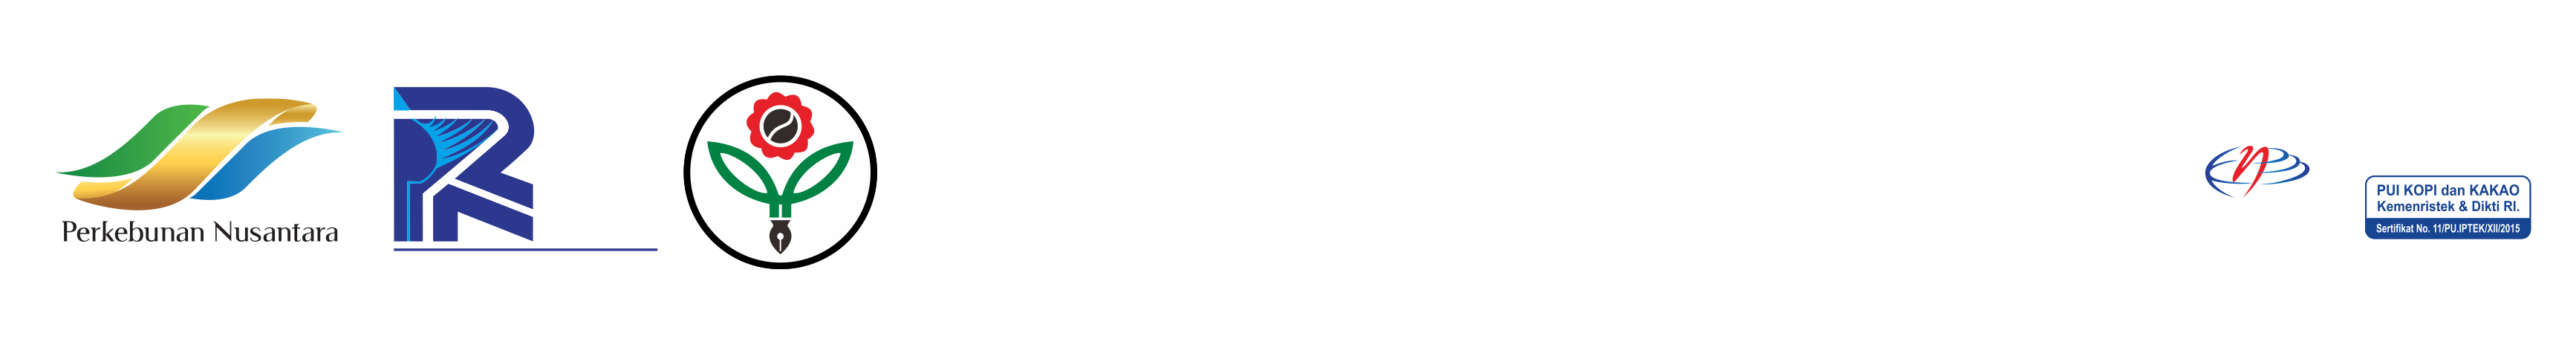 Pusat Penelitian Kopi dan Kakao